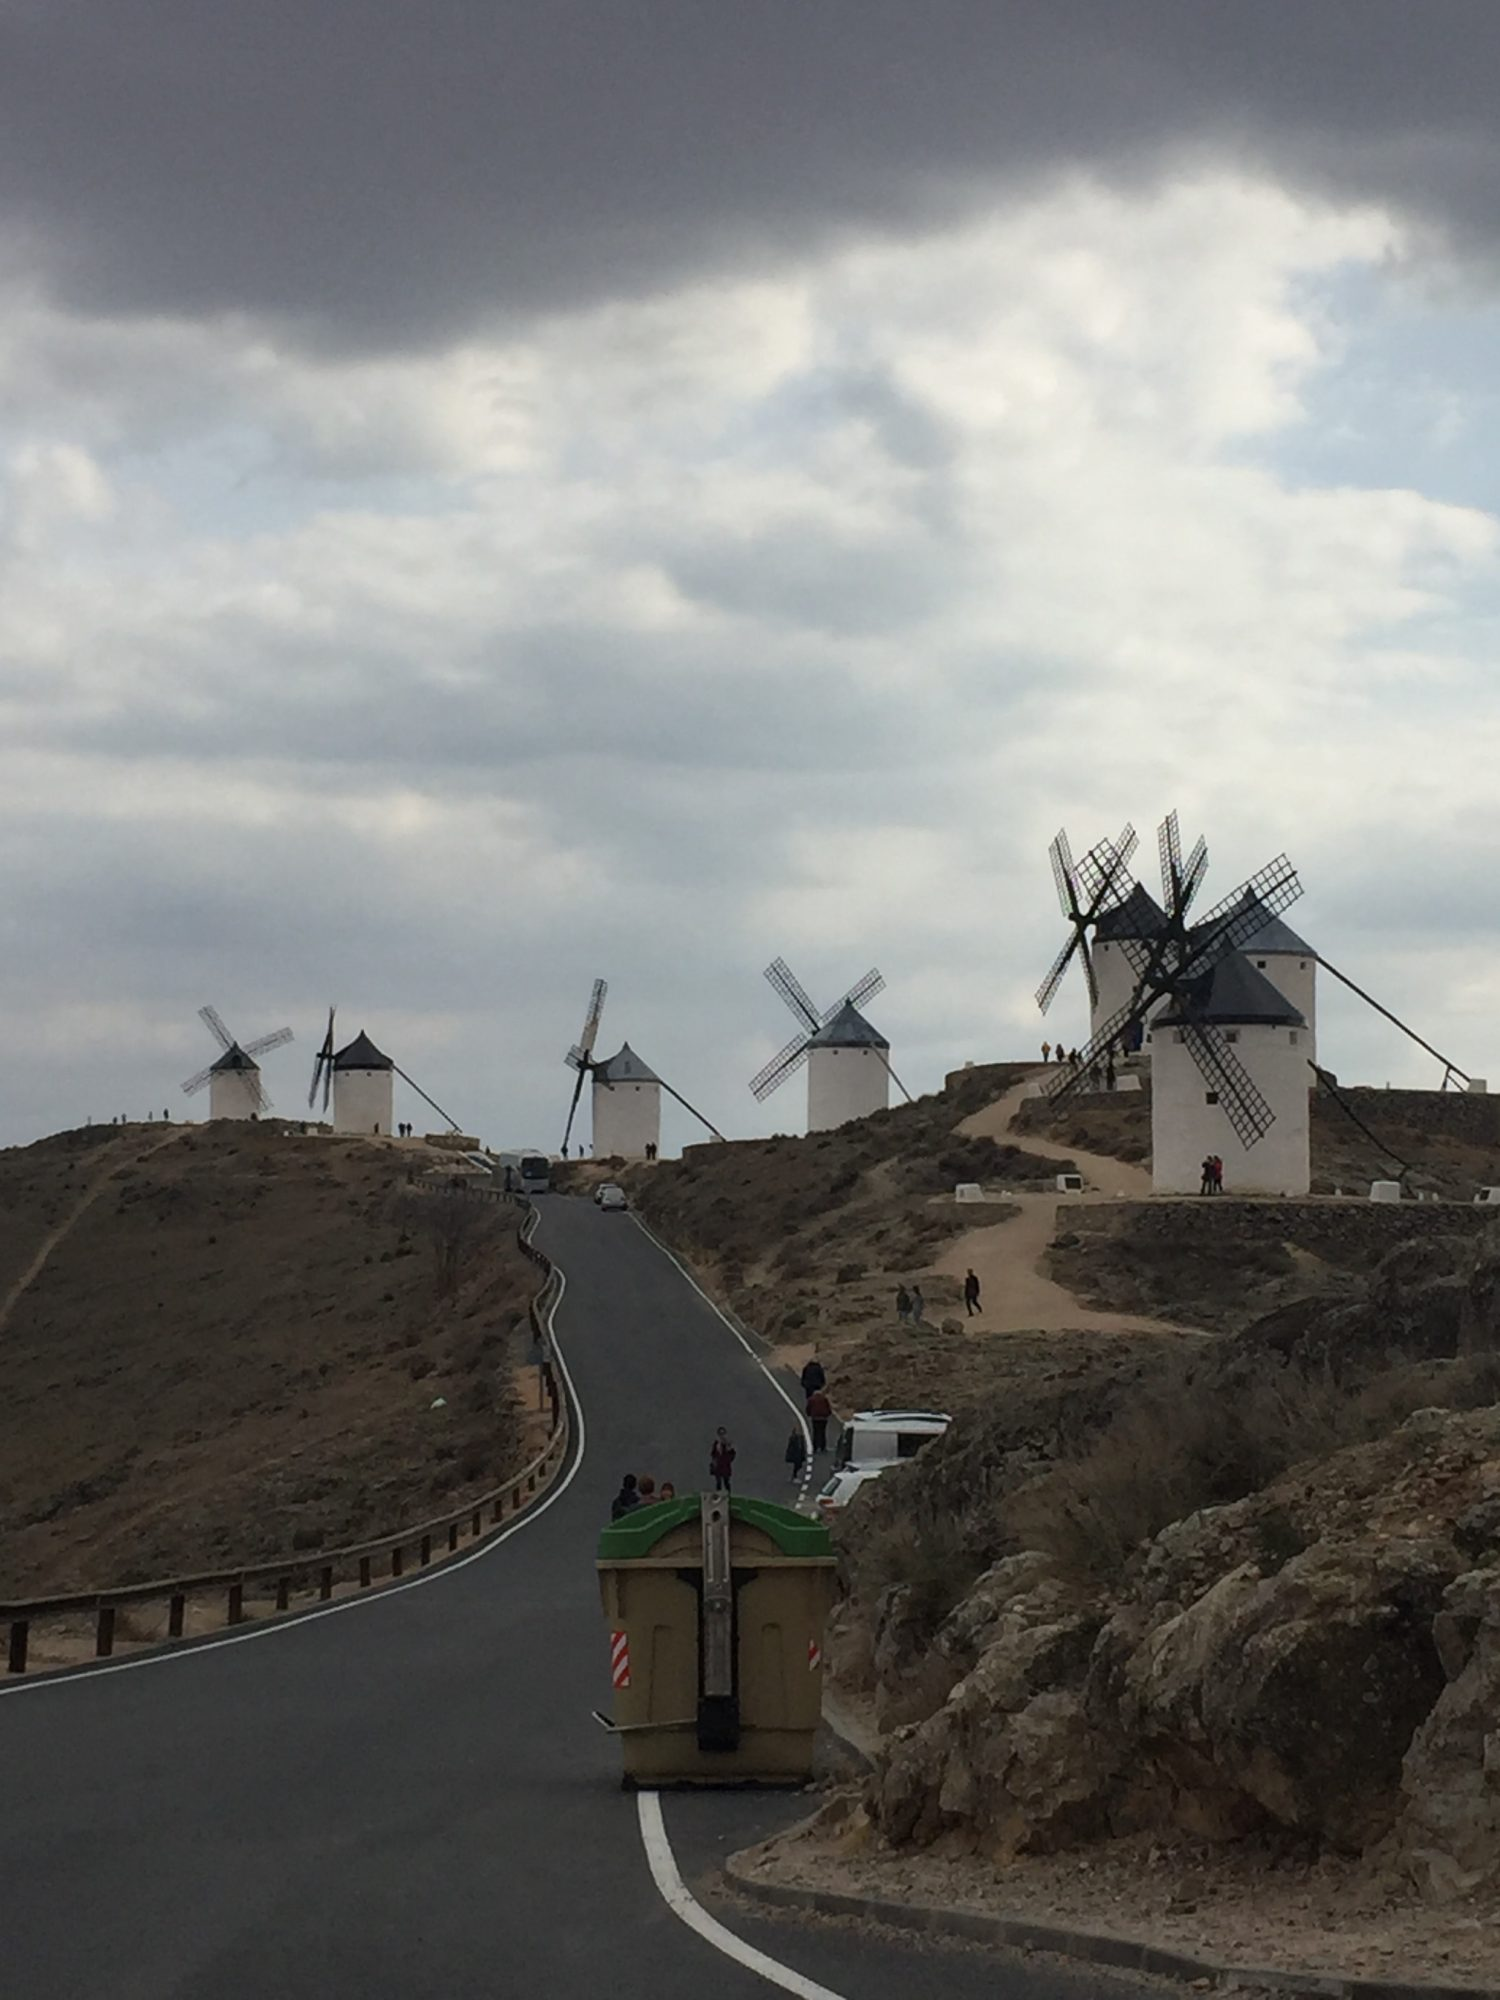 最新前往西班牙旅遊需要知道的指南